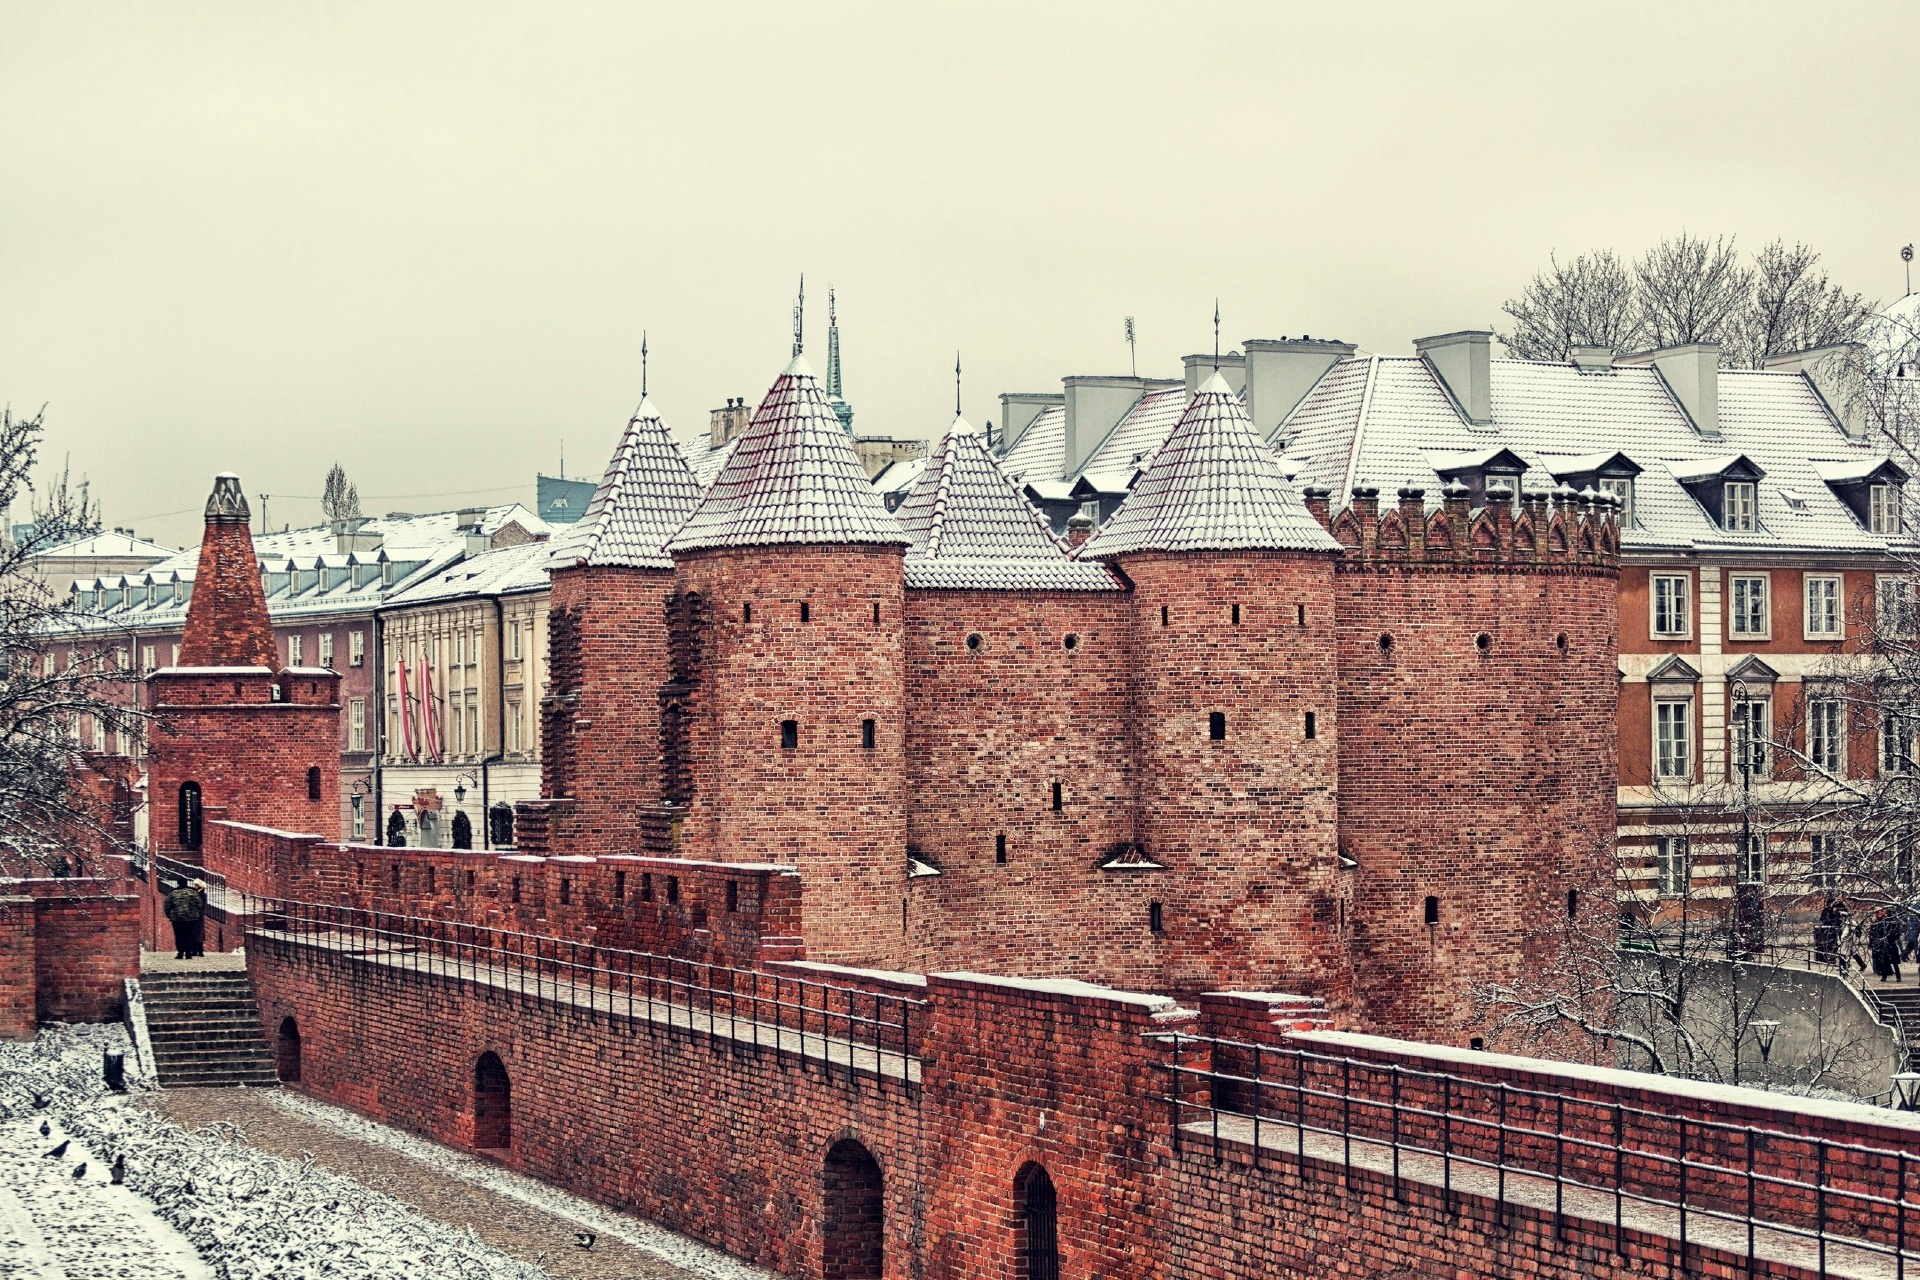 冬のワルシャワ バービカン要塞 ポーランドの風景